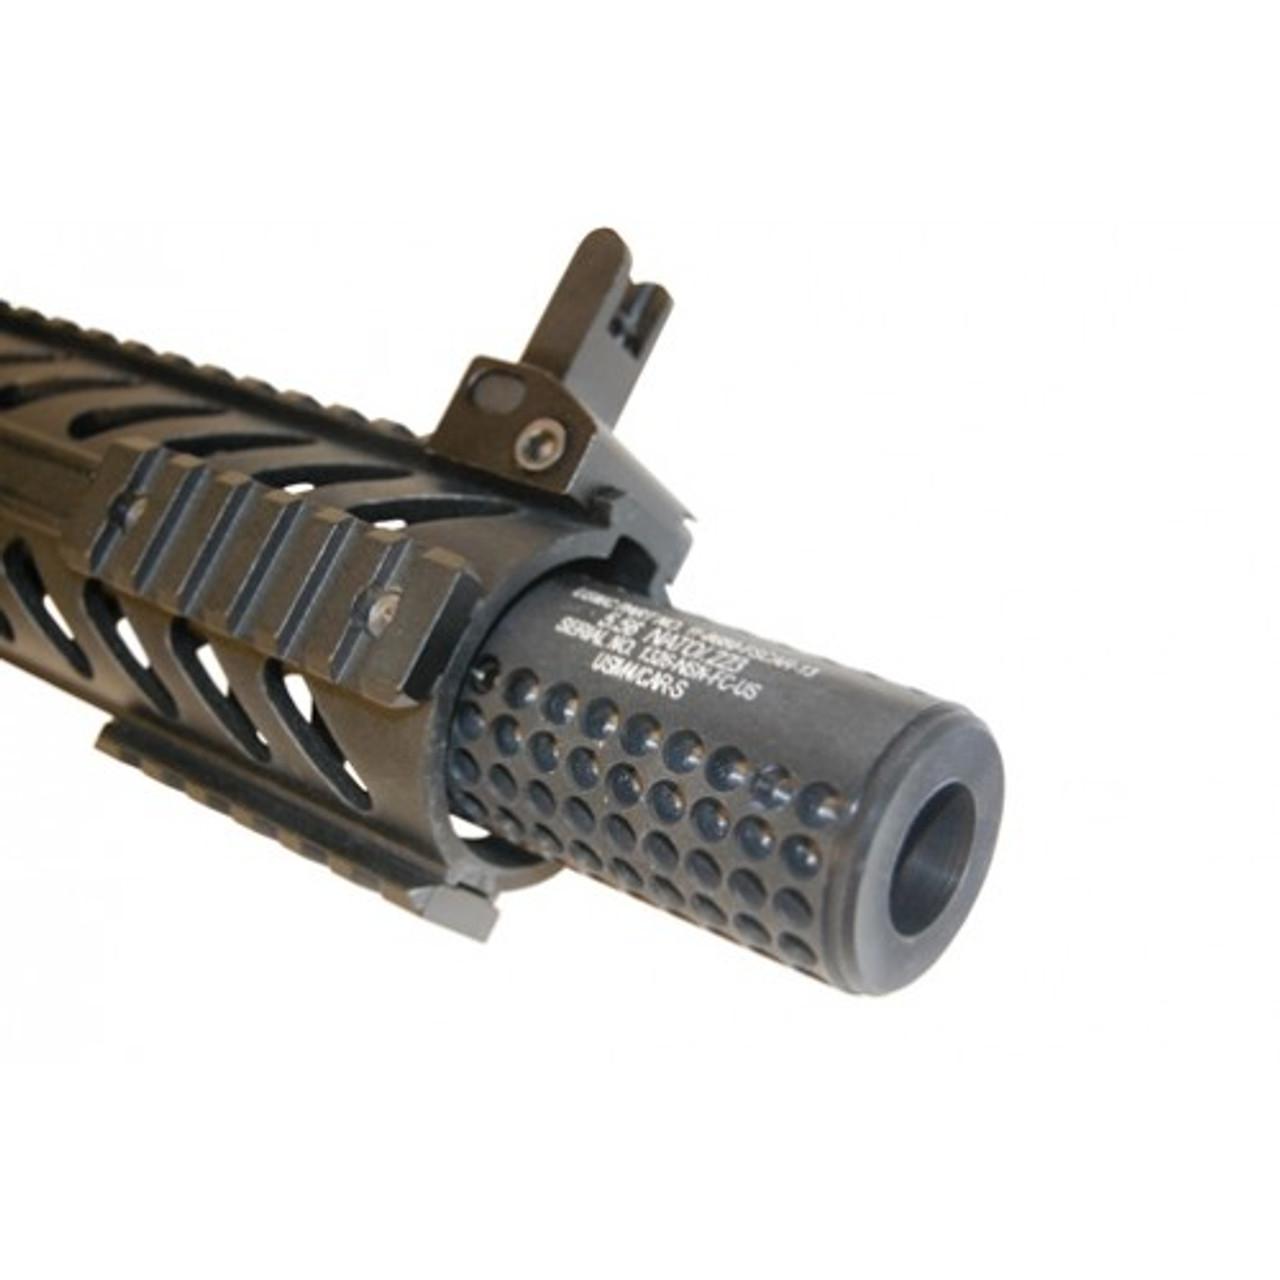 Guntec Reverse Thread Slip Over Dummy Socom Fake Suppressor Gen. 2 pix 1